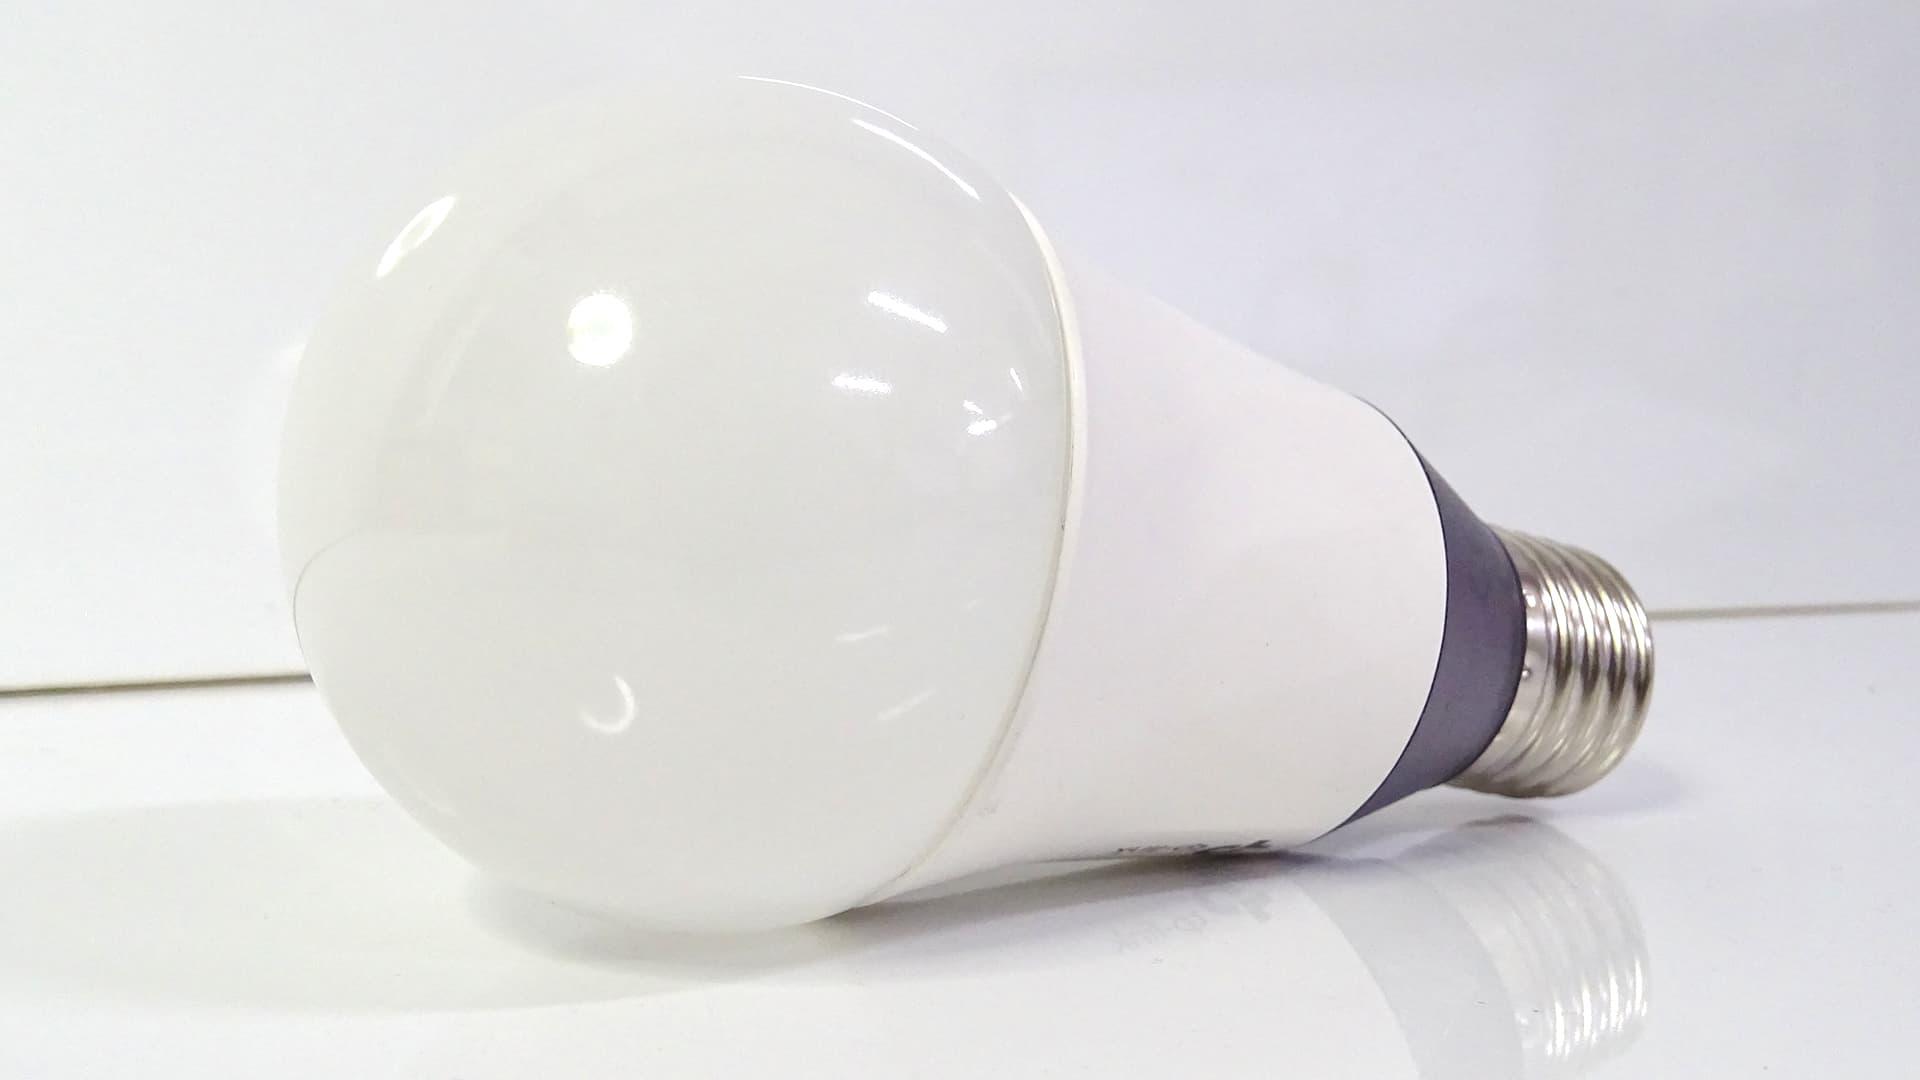 LB130, l'ampoule RGB Wifi et connectée de TP-Link